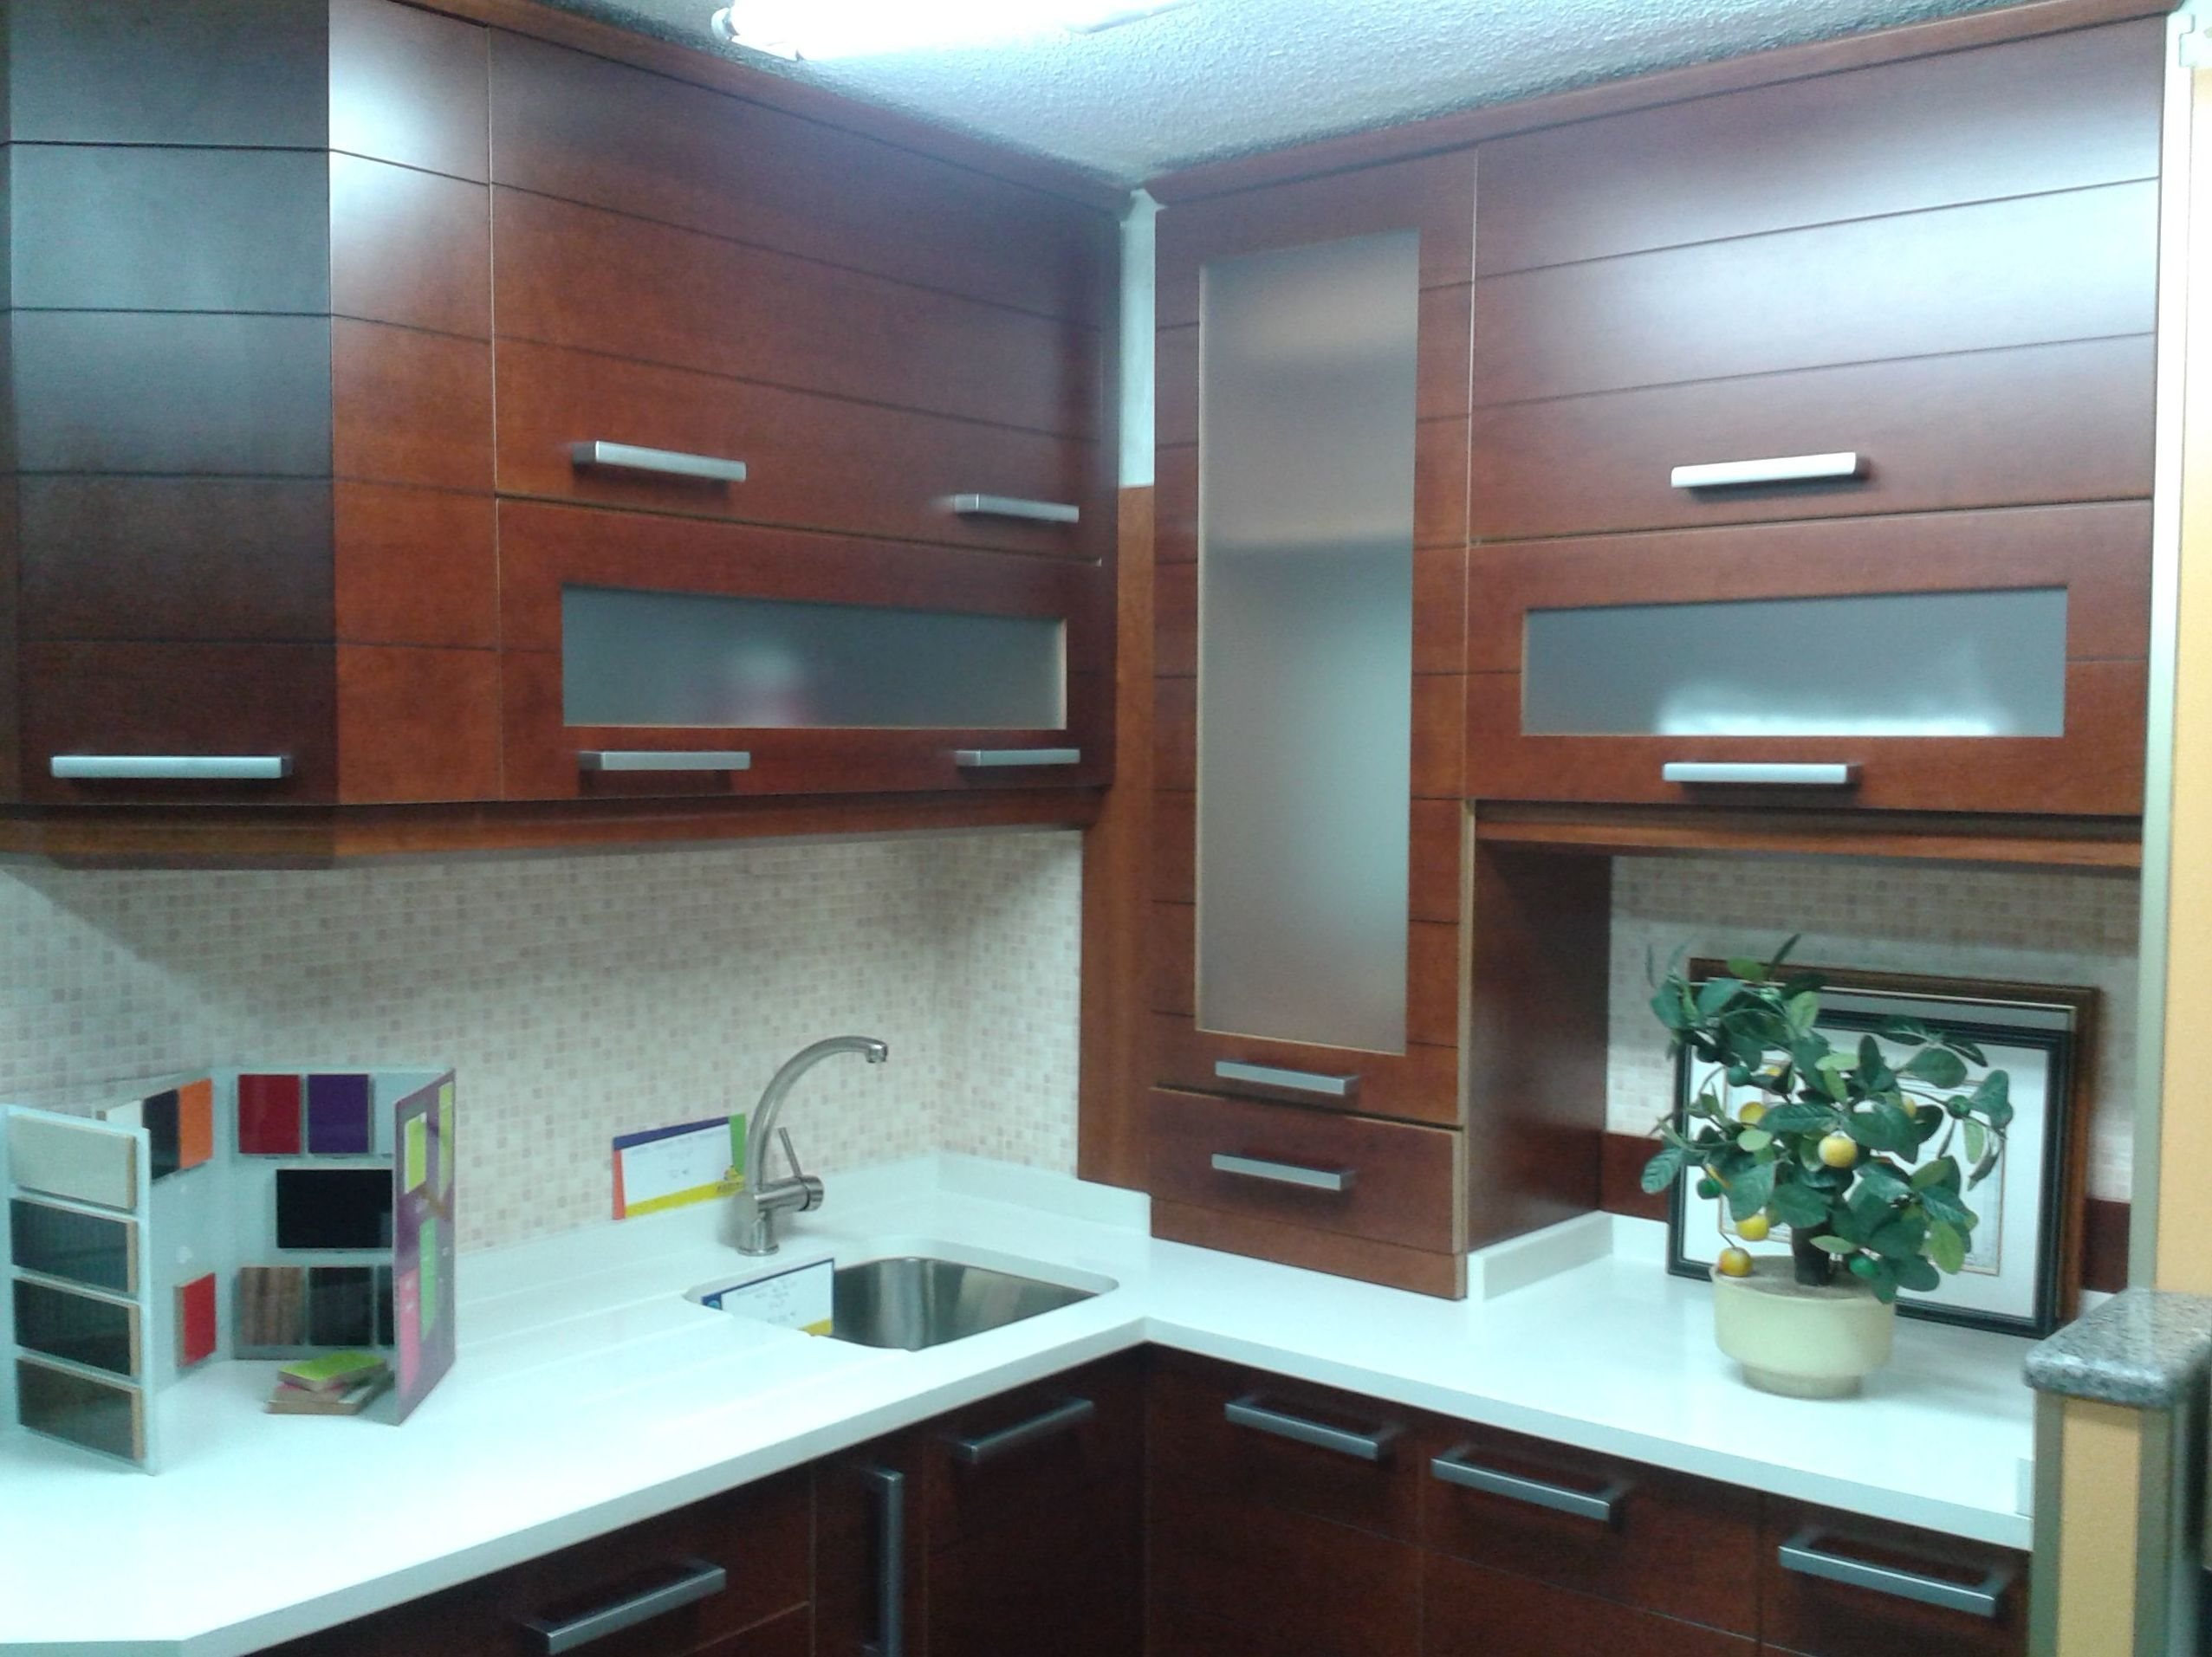 Muebles de cocina muy baratos muebles de cocina baratos for Muebles cocina economicos